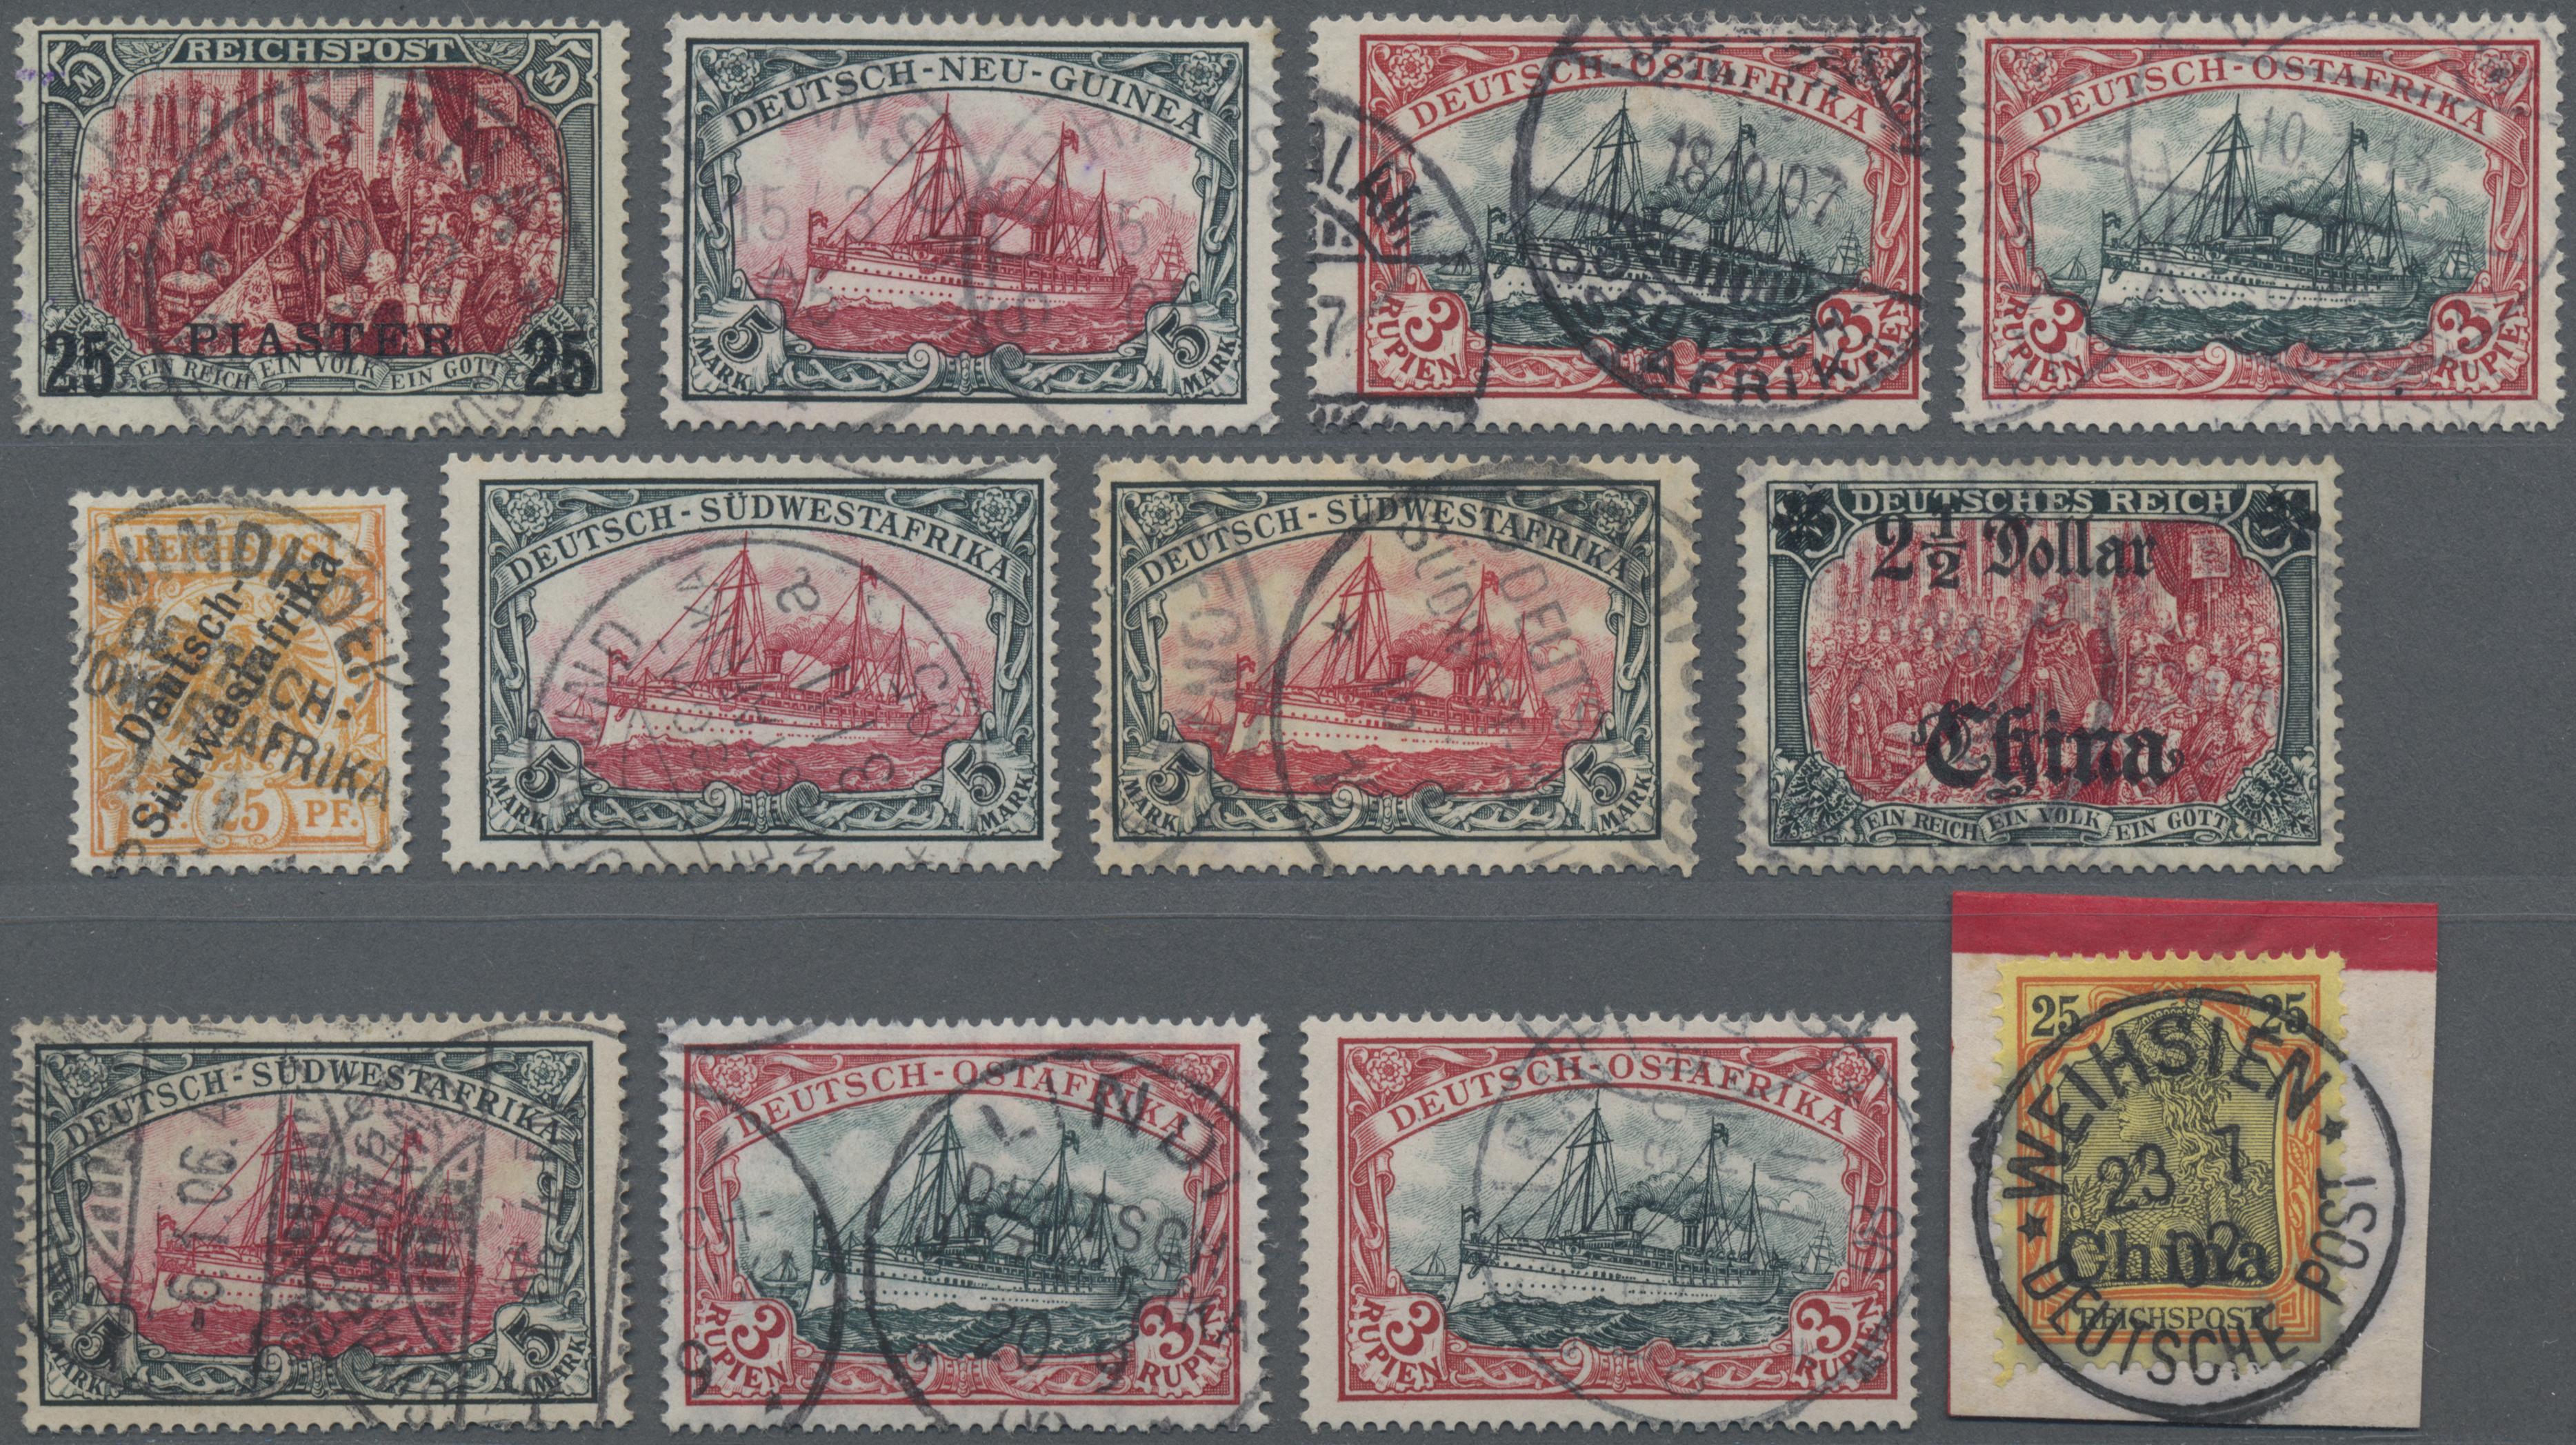 Lot 35220 - Deutsche Auslandspostämter + Kolonien  -  Auktionshaus Christoph Gärtner GmbH & Co. KG Sale #44 Collections Germany